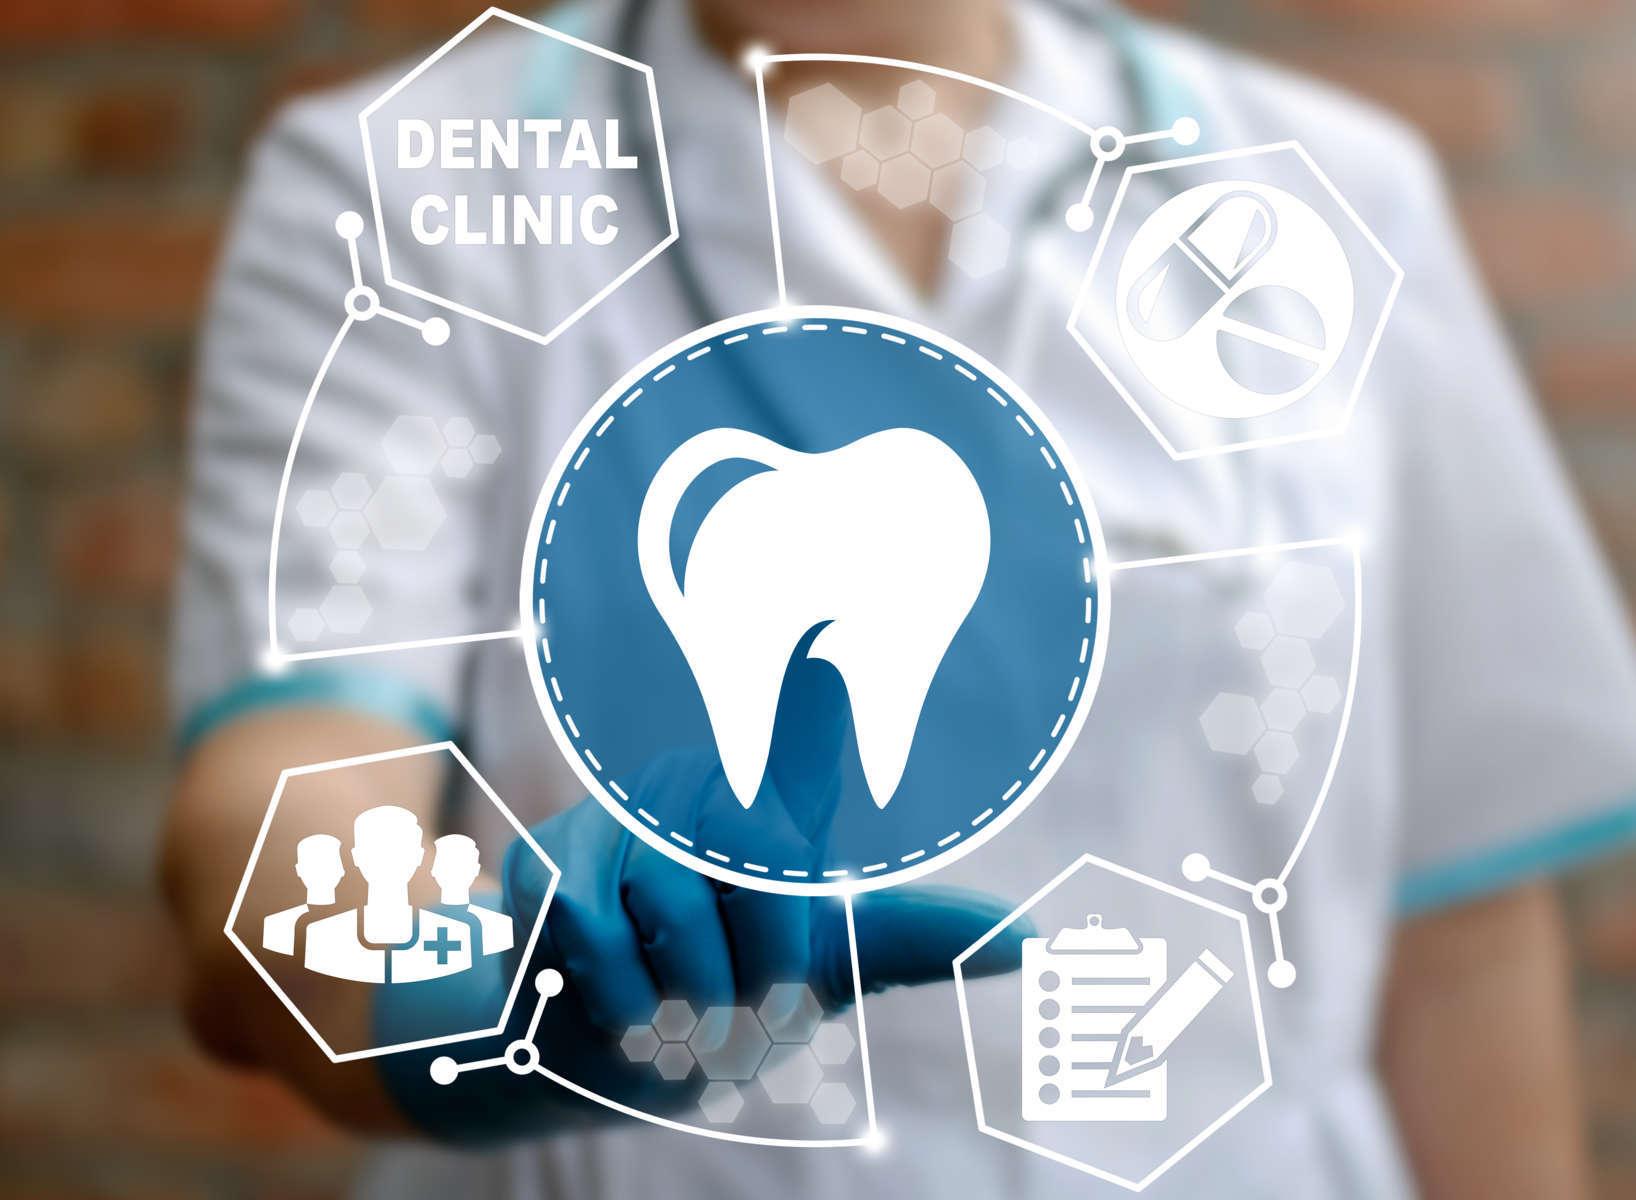 La red, un elemento indispensable para mejorar la conciencia dental de la población